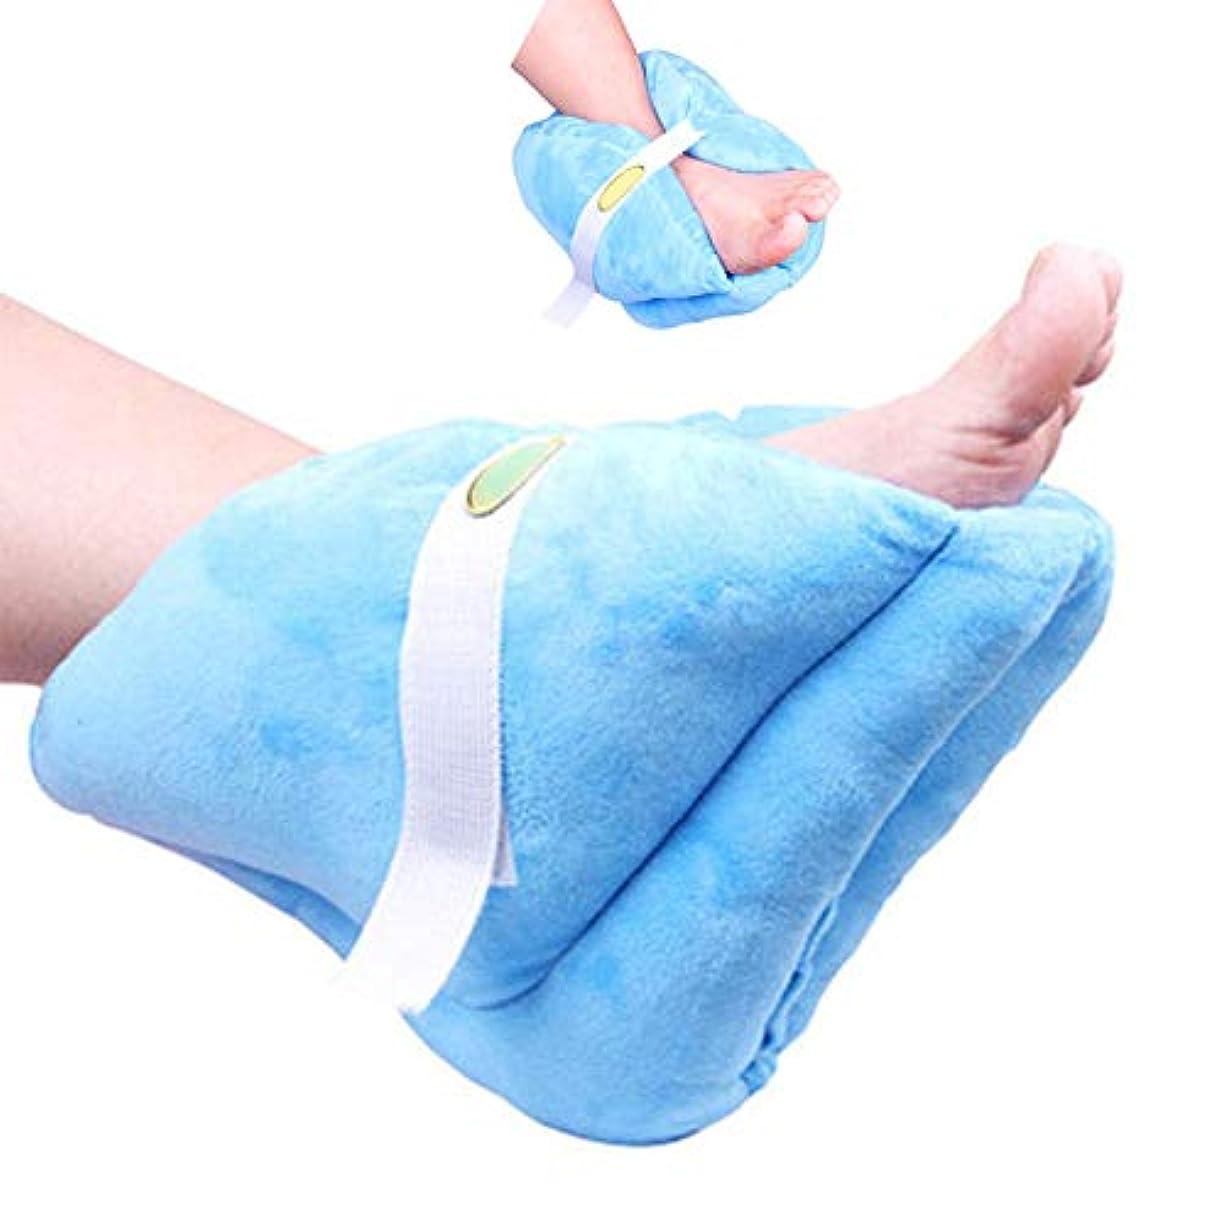 試み思春期にもかかわらずヒールクッションプロテクター、足と足首の枕 、足の圧力を緩和し、褥瘡を保護します